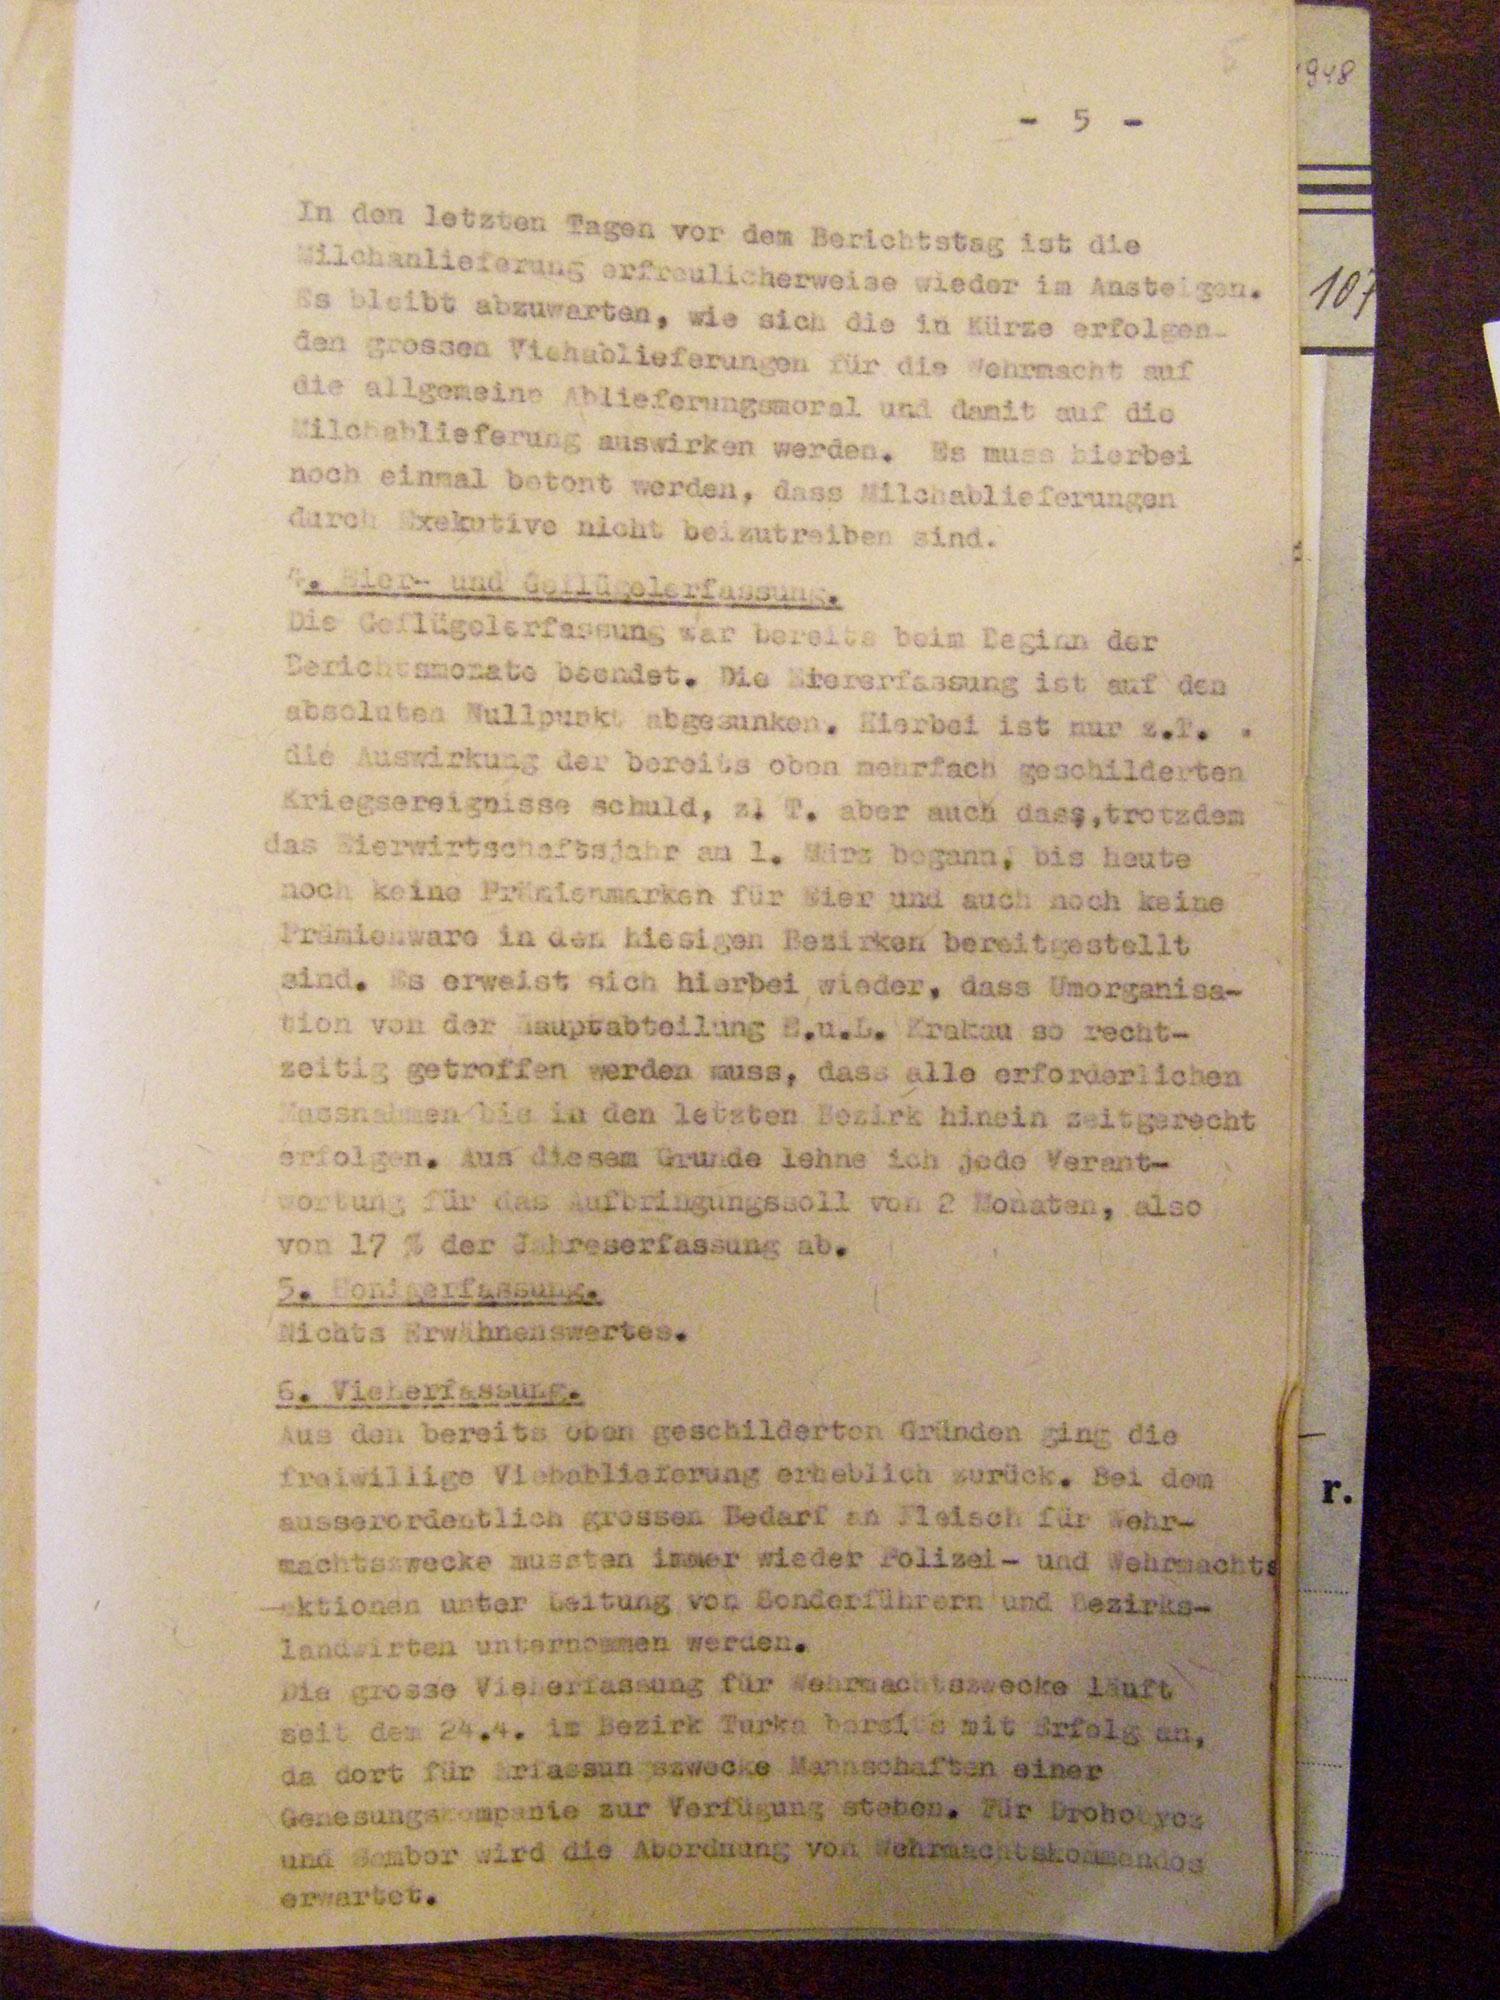 Societies under German Occupation - Societies under german occupation